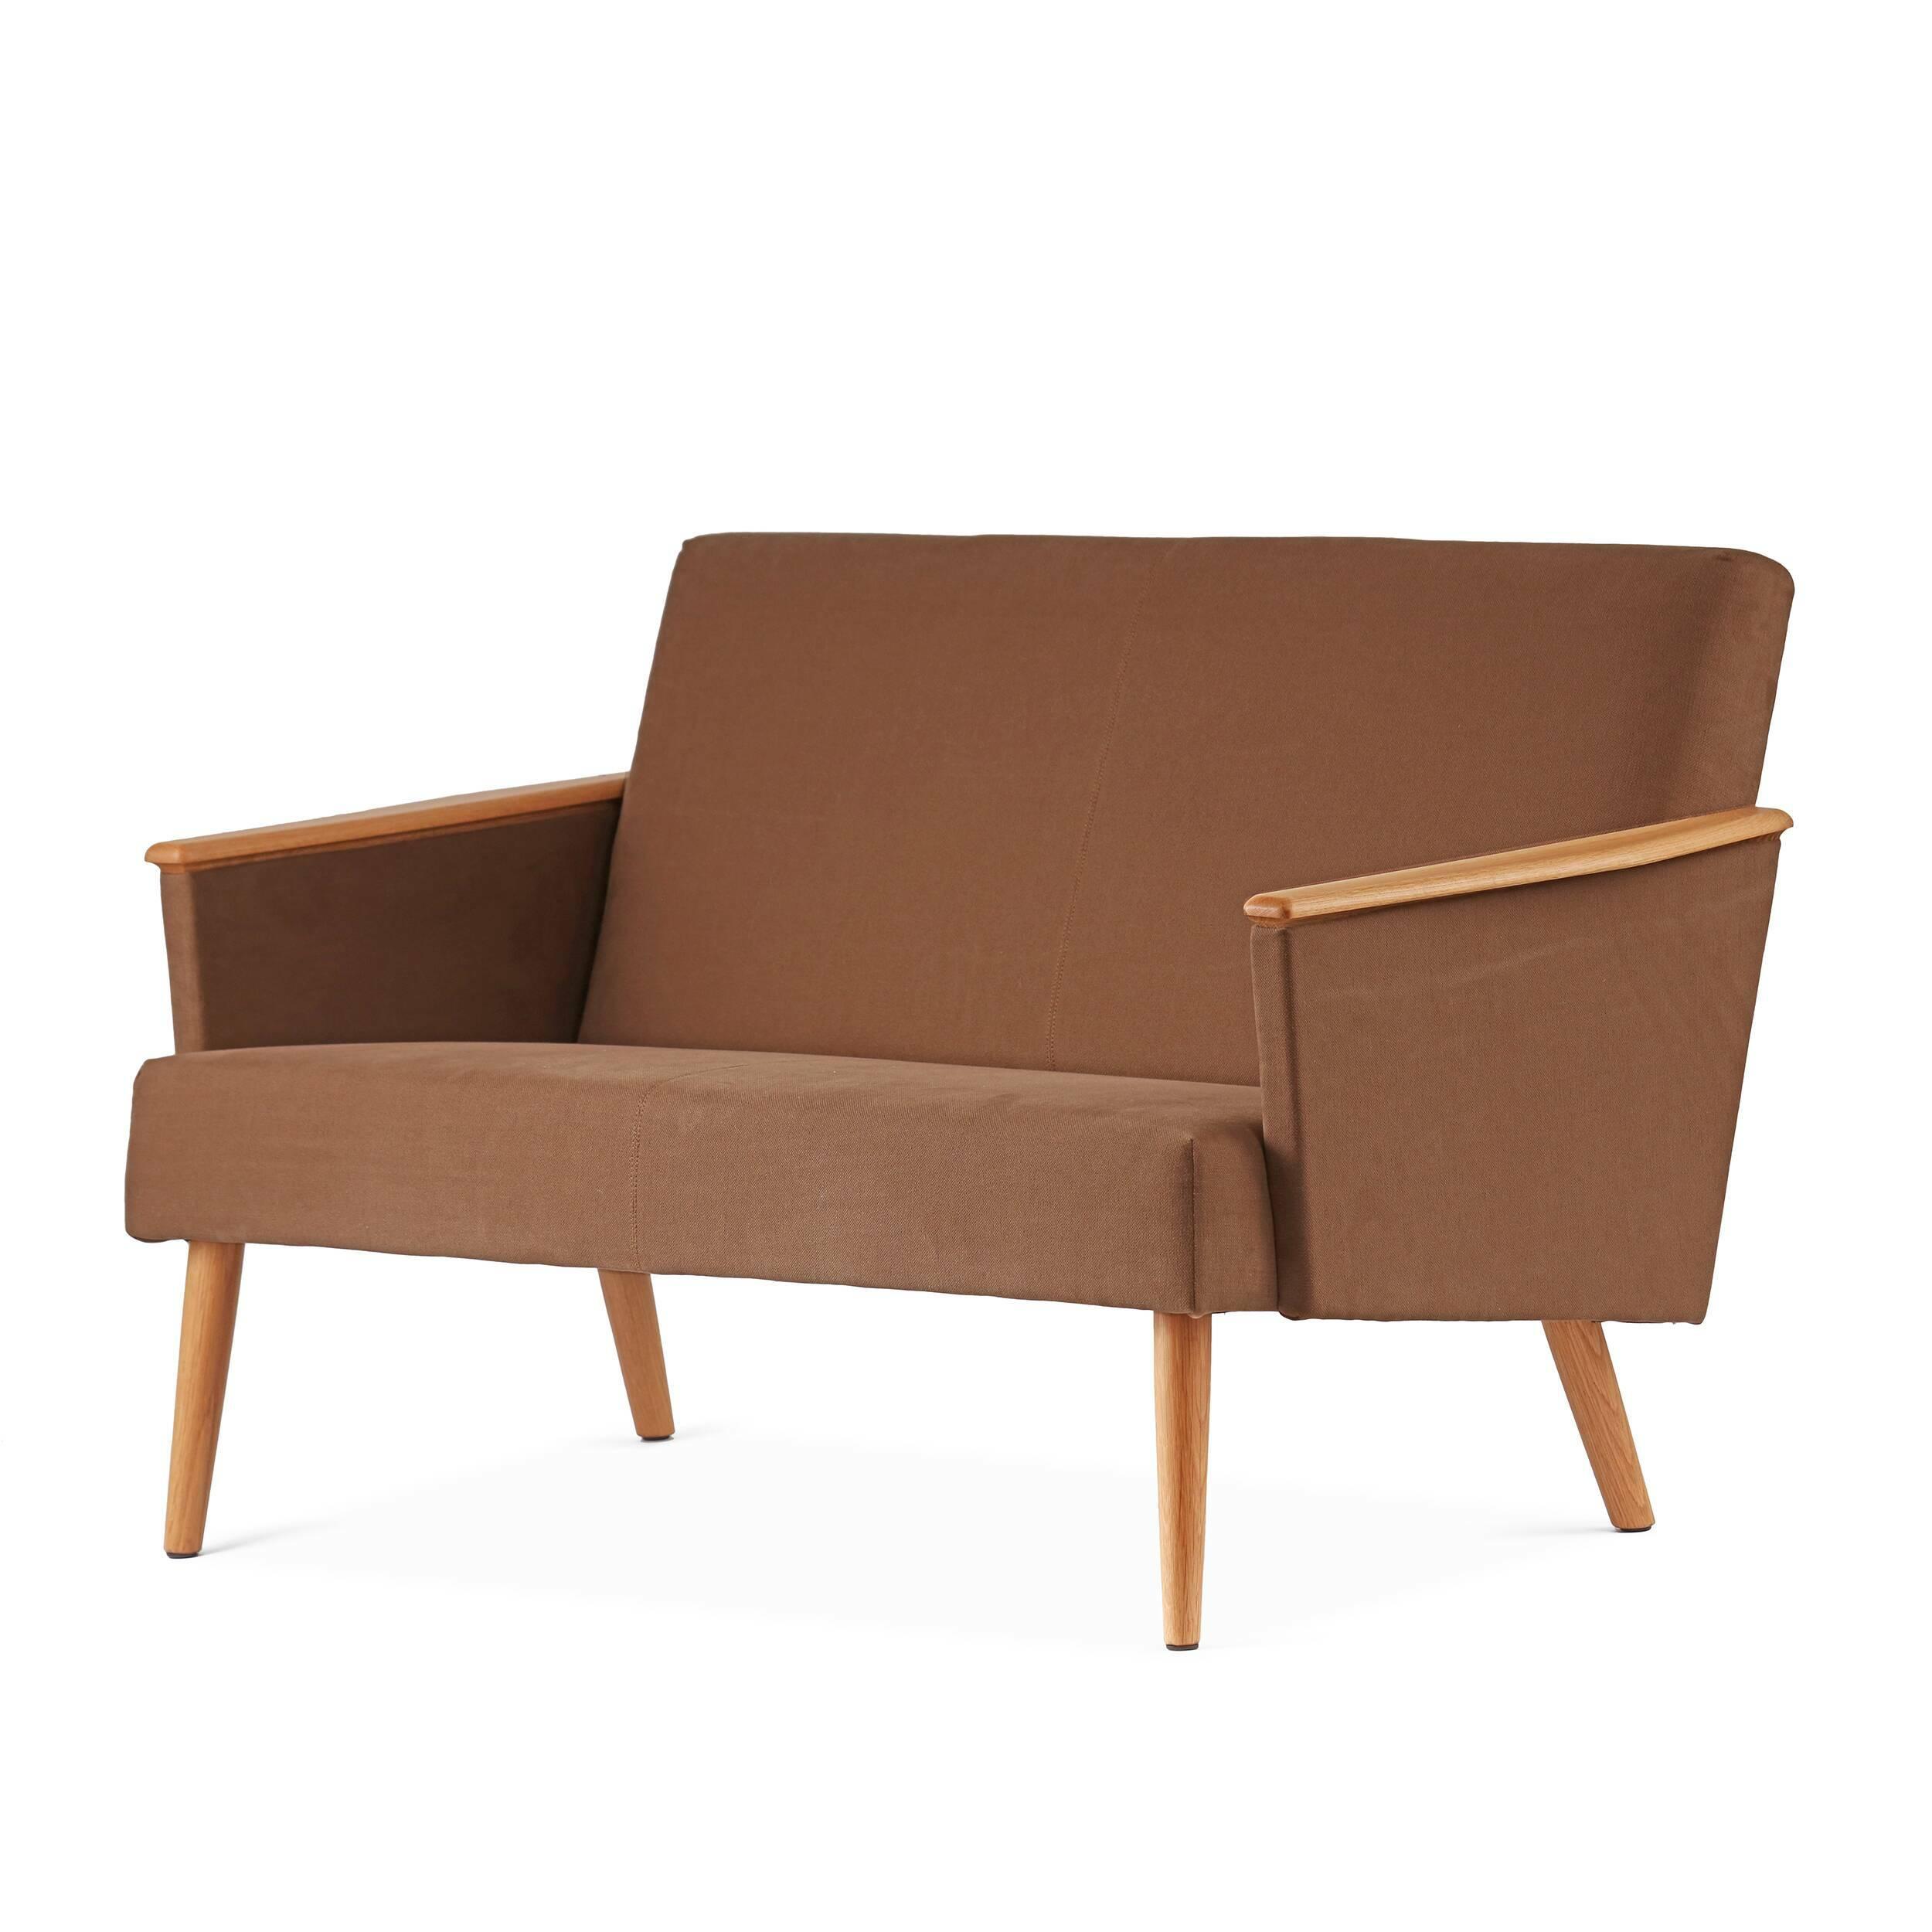 Диван Harry двухместныйДвухместные<br>Дизайнерский двухместный диван Harry (Гарри) с дубовым каркасом и длинными деревянными ножками от Cosmo (Космо)<br><br><br> Выбор дивана по-настоящему определяет будущую атмосферу и стиль помещения. Важно учесть множество факторов: размер, материал обивки и каркаса, дизайн интерьера, в который он въедет, его назначение. Будет диван стоять в деловом офисе или уютной гостиной? Все это необходимо иметь в виду при выборе такого важного предмета мебели.<br><br><br> Оригинальный диван Harry двухместный пора...<br><br>stock: 2<br>Высота: 77,5<br>Глубина: 79,5<br>Длина: 128<br>Материал каркаса: Массив дуба<br>Материал обивки: Хлопок, Лен<br>Тип материала каркаса: Дерево<br>Коллекция ткани: Ray Fabric<br>Тип материала обивки: Ткань<br>Цвет обивки: Светло-коричневый<br>Цвет каркаса: Дуб